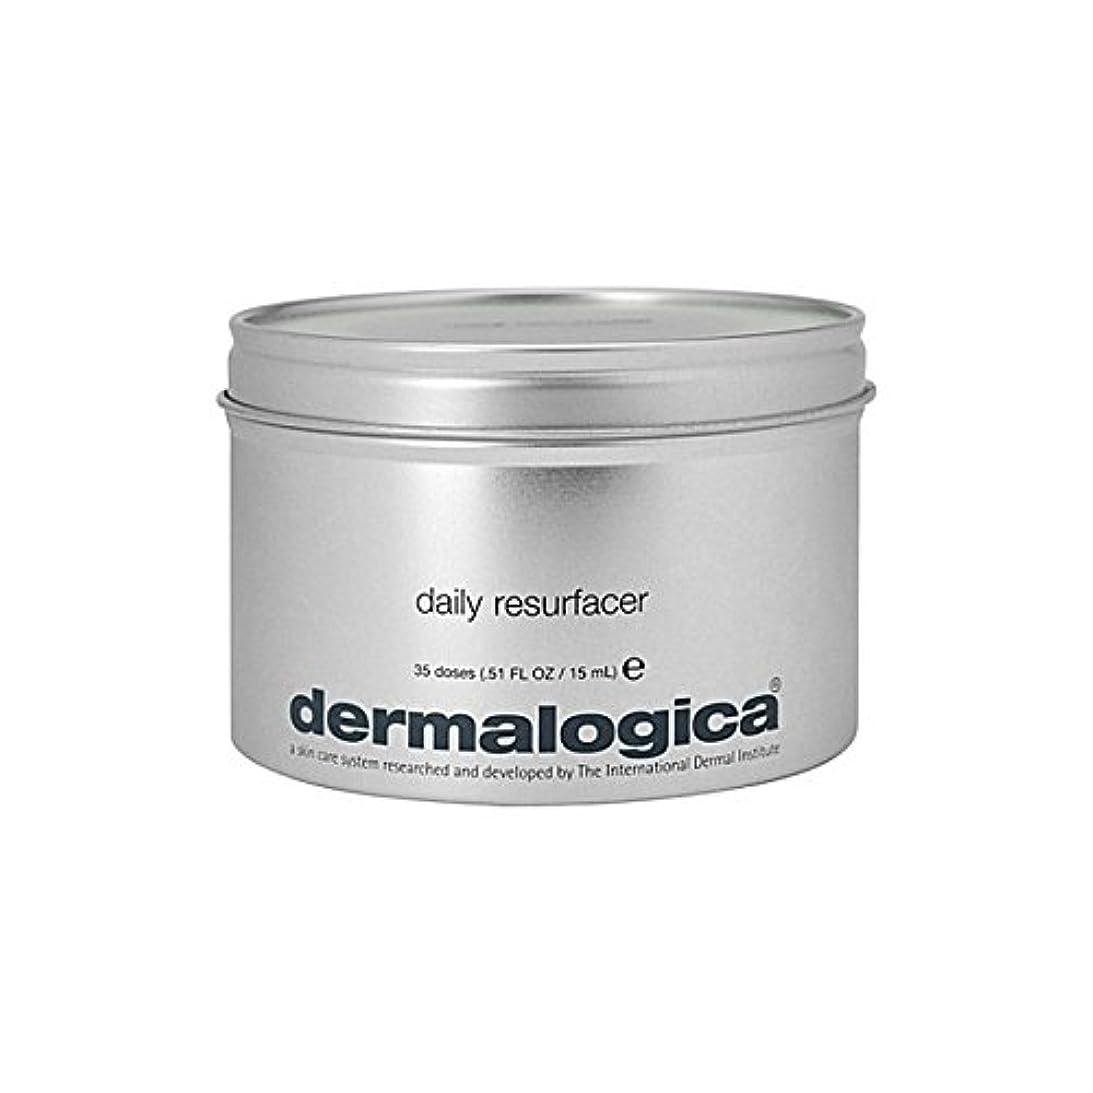 同等のかんがい規定ダーマロジカ毎日の15ミリリットル x2 - Dermalogica Daily Resurfacer 15ml (Pack of 2) [並行輸入品]